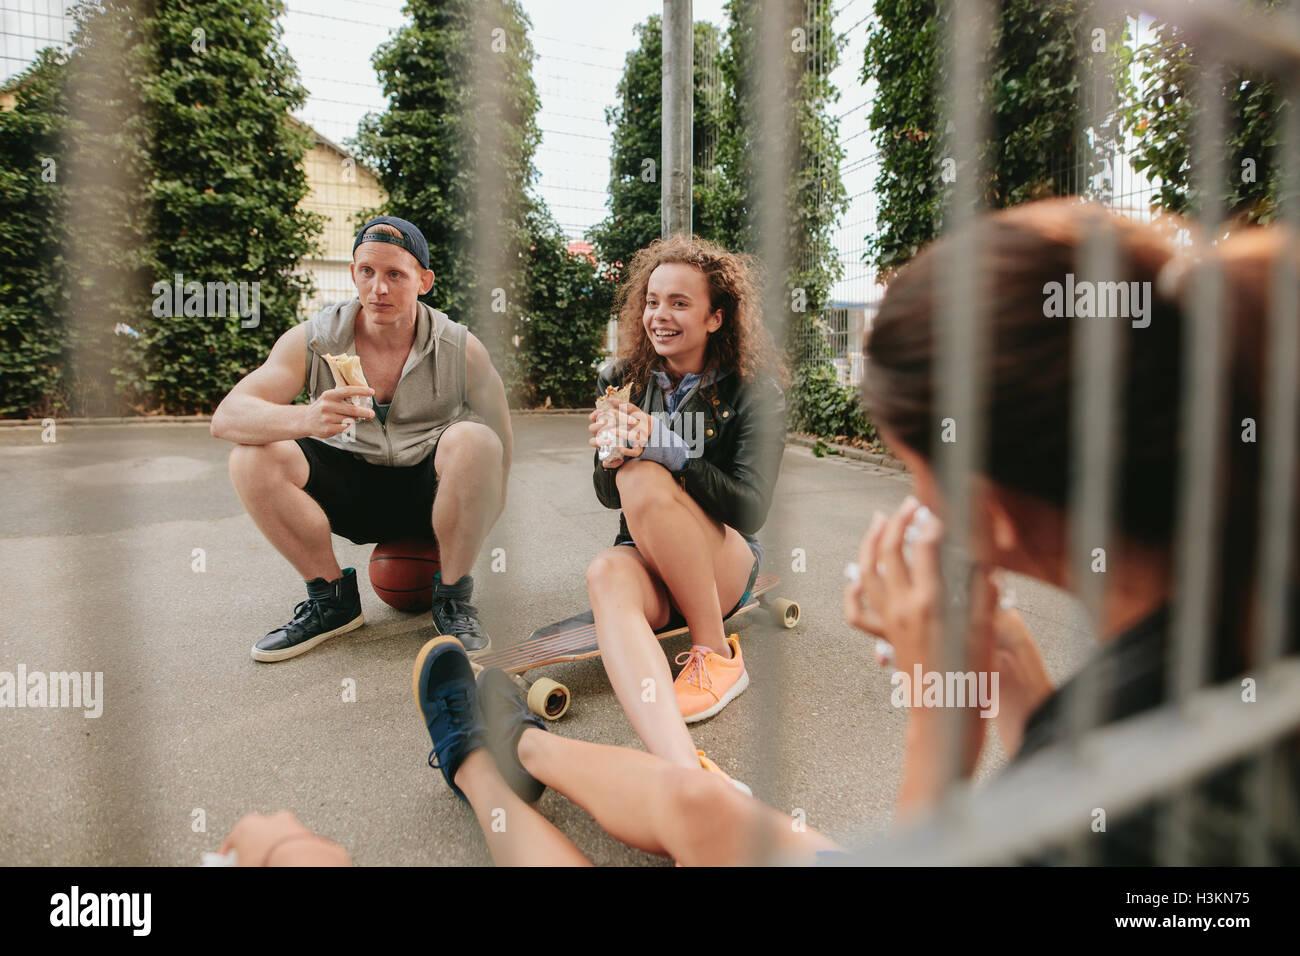 Grupo de Amigos sentados en la cancha de baloncesto al aire libre comer y divertirse. Los adolescentes relajante Imagen De Stock